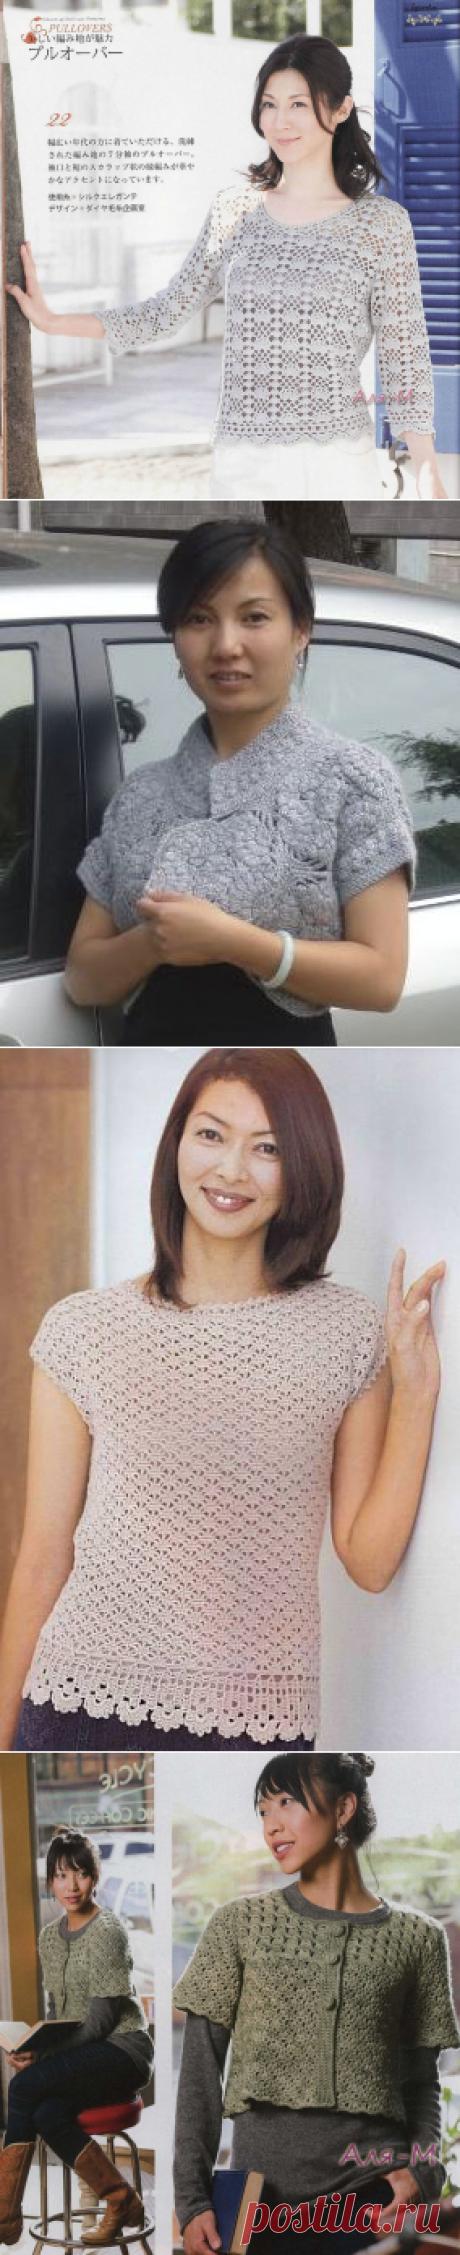 Модели из азиатских журналов   Записи в рубрике Модели из азиатских журналов   Дневник Tanya_Belyakova